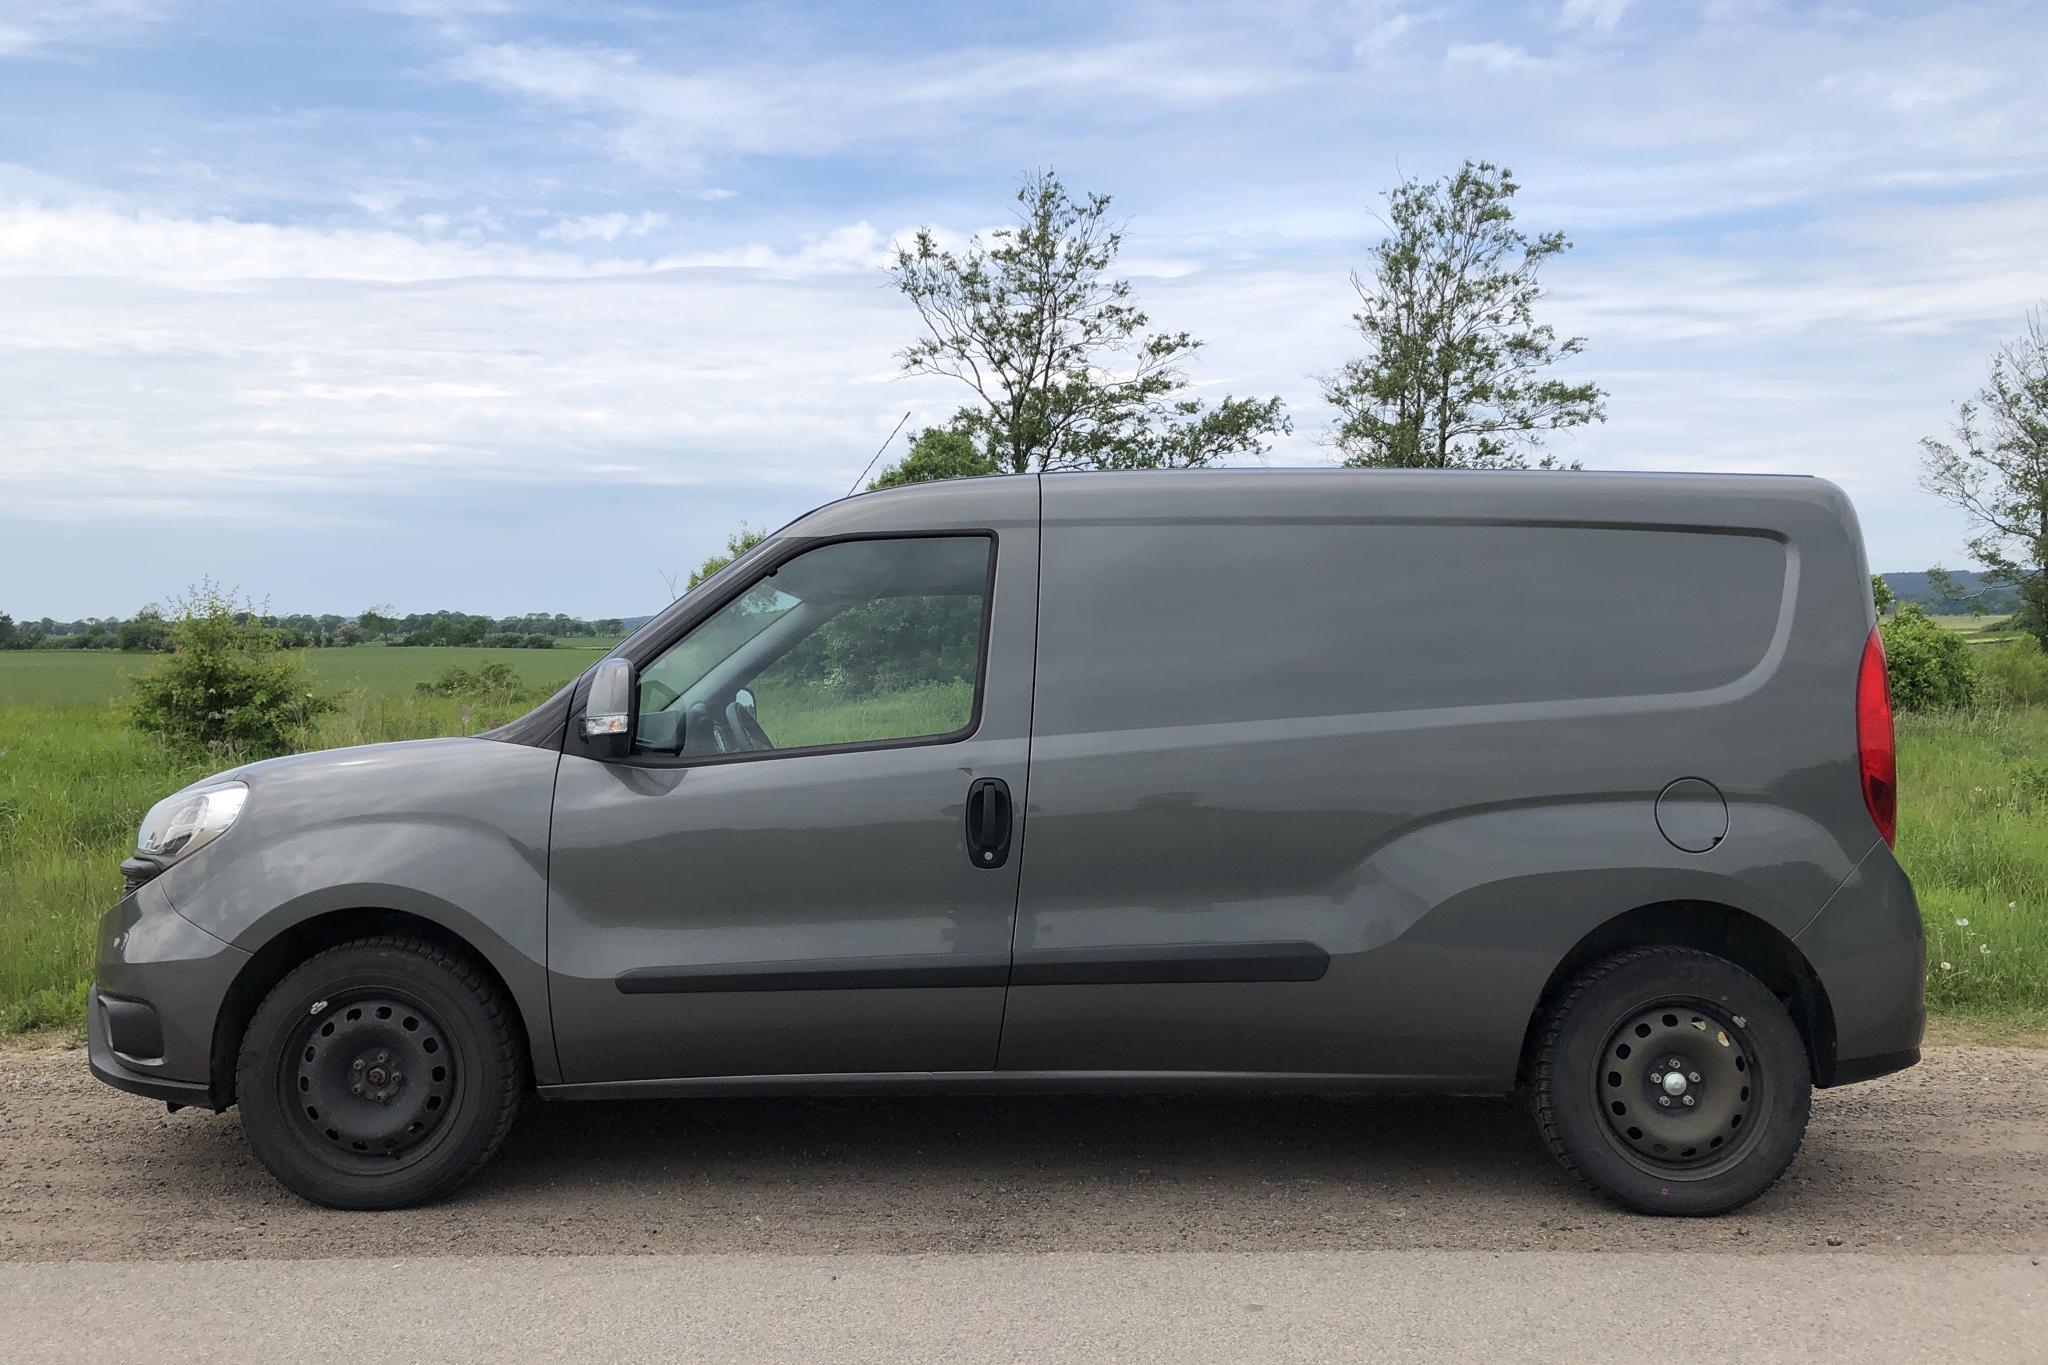 Fiat Doblo Cargo 1.3 MJT (90hk) - 6 570 km - Manual - gray - 2015